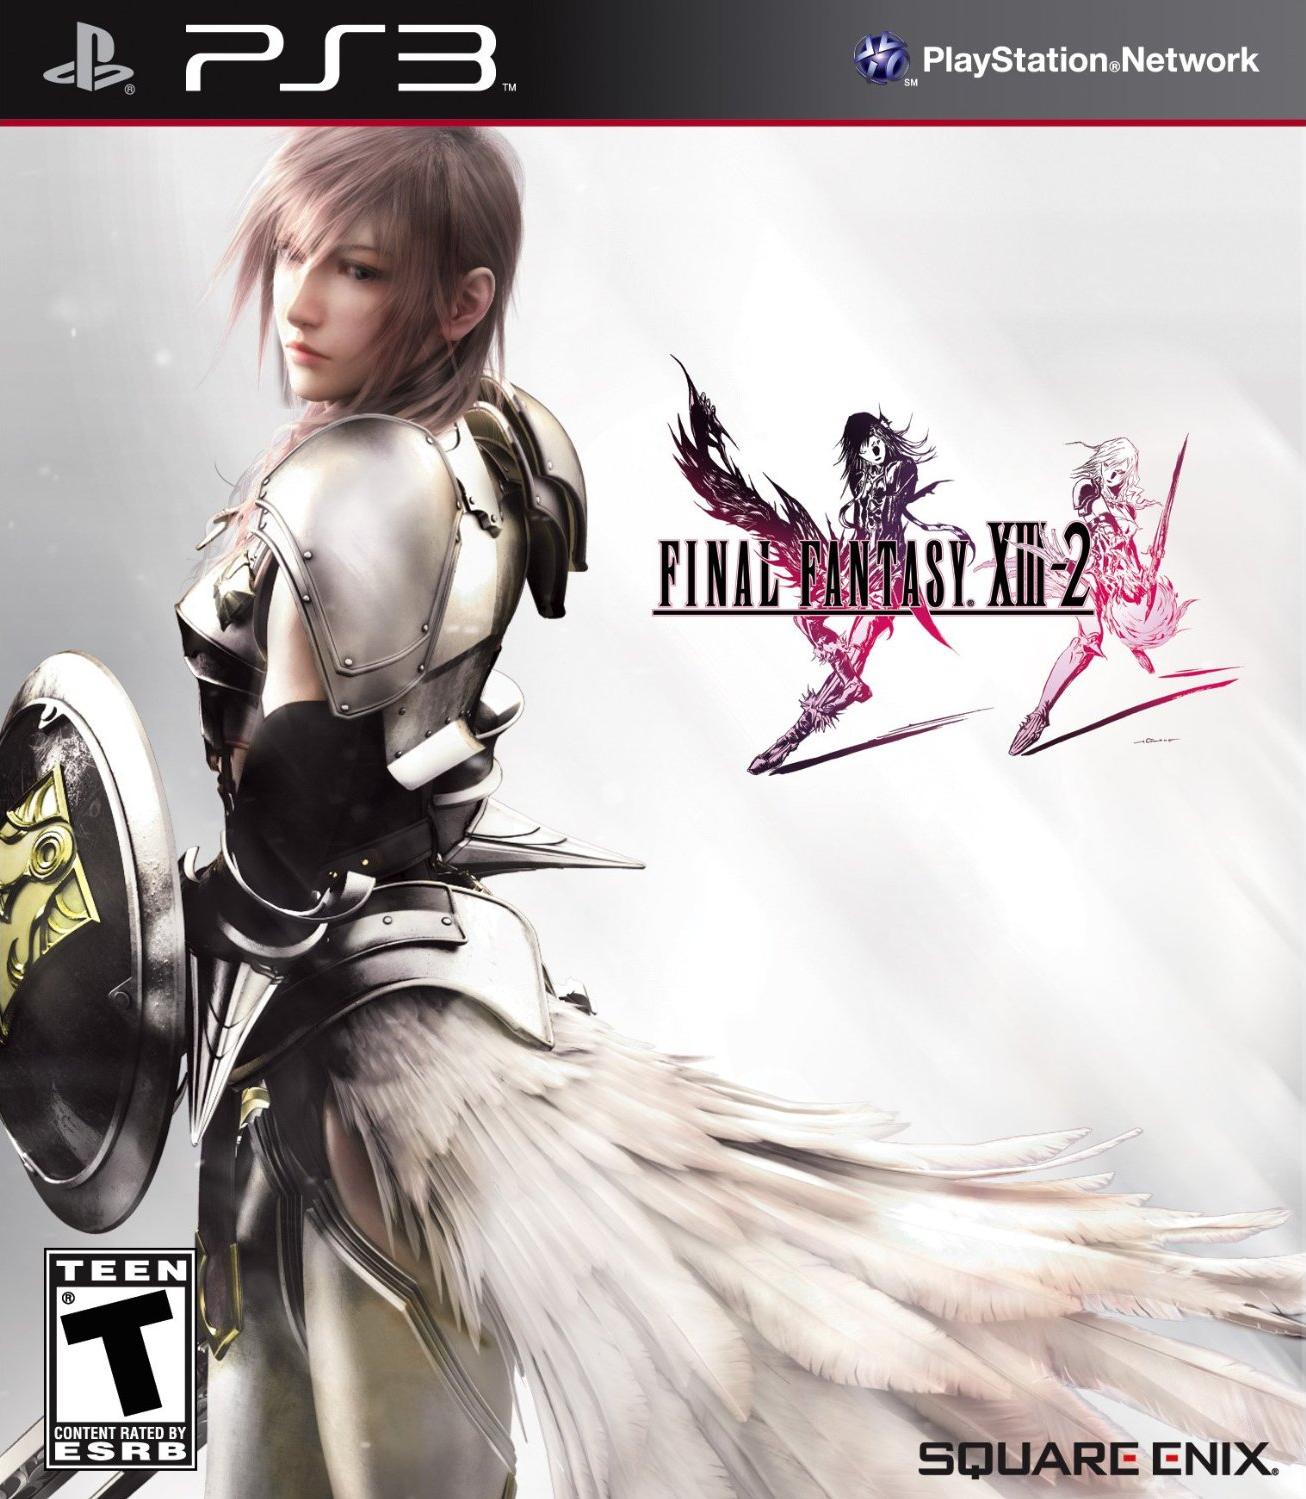 Kết quả hình ảnh cho Final Fantasy XIII-2 cover ps3